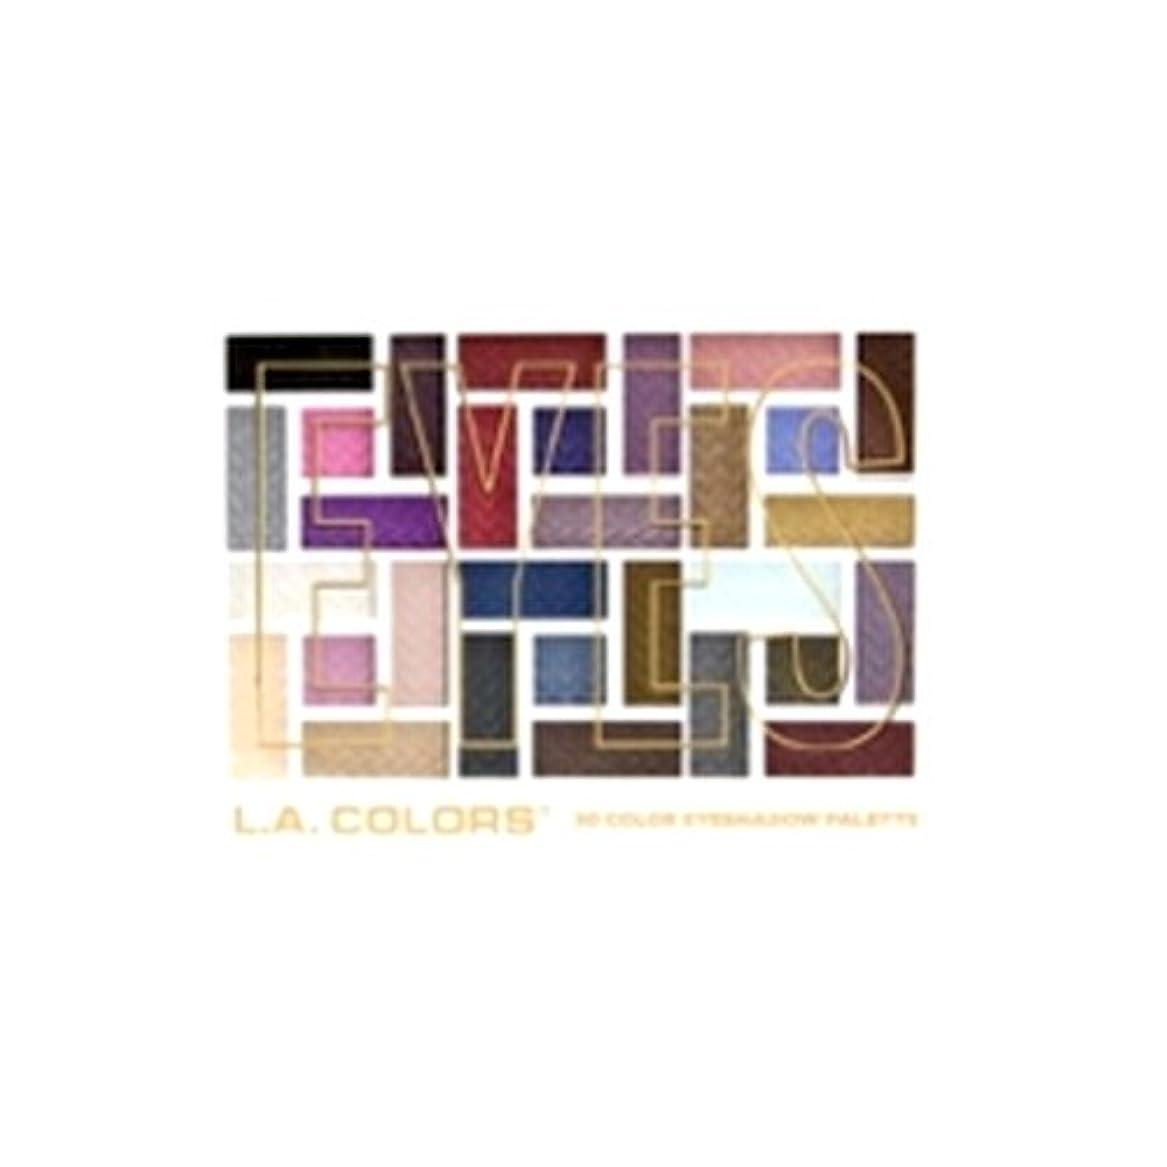 セットアップ発生器占めるL.A. COLORS 30 Color Eyeshadow Palette - Back To Basics (並行輸入品)